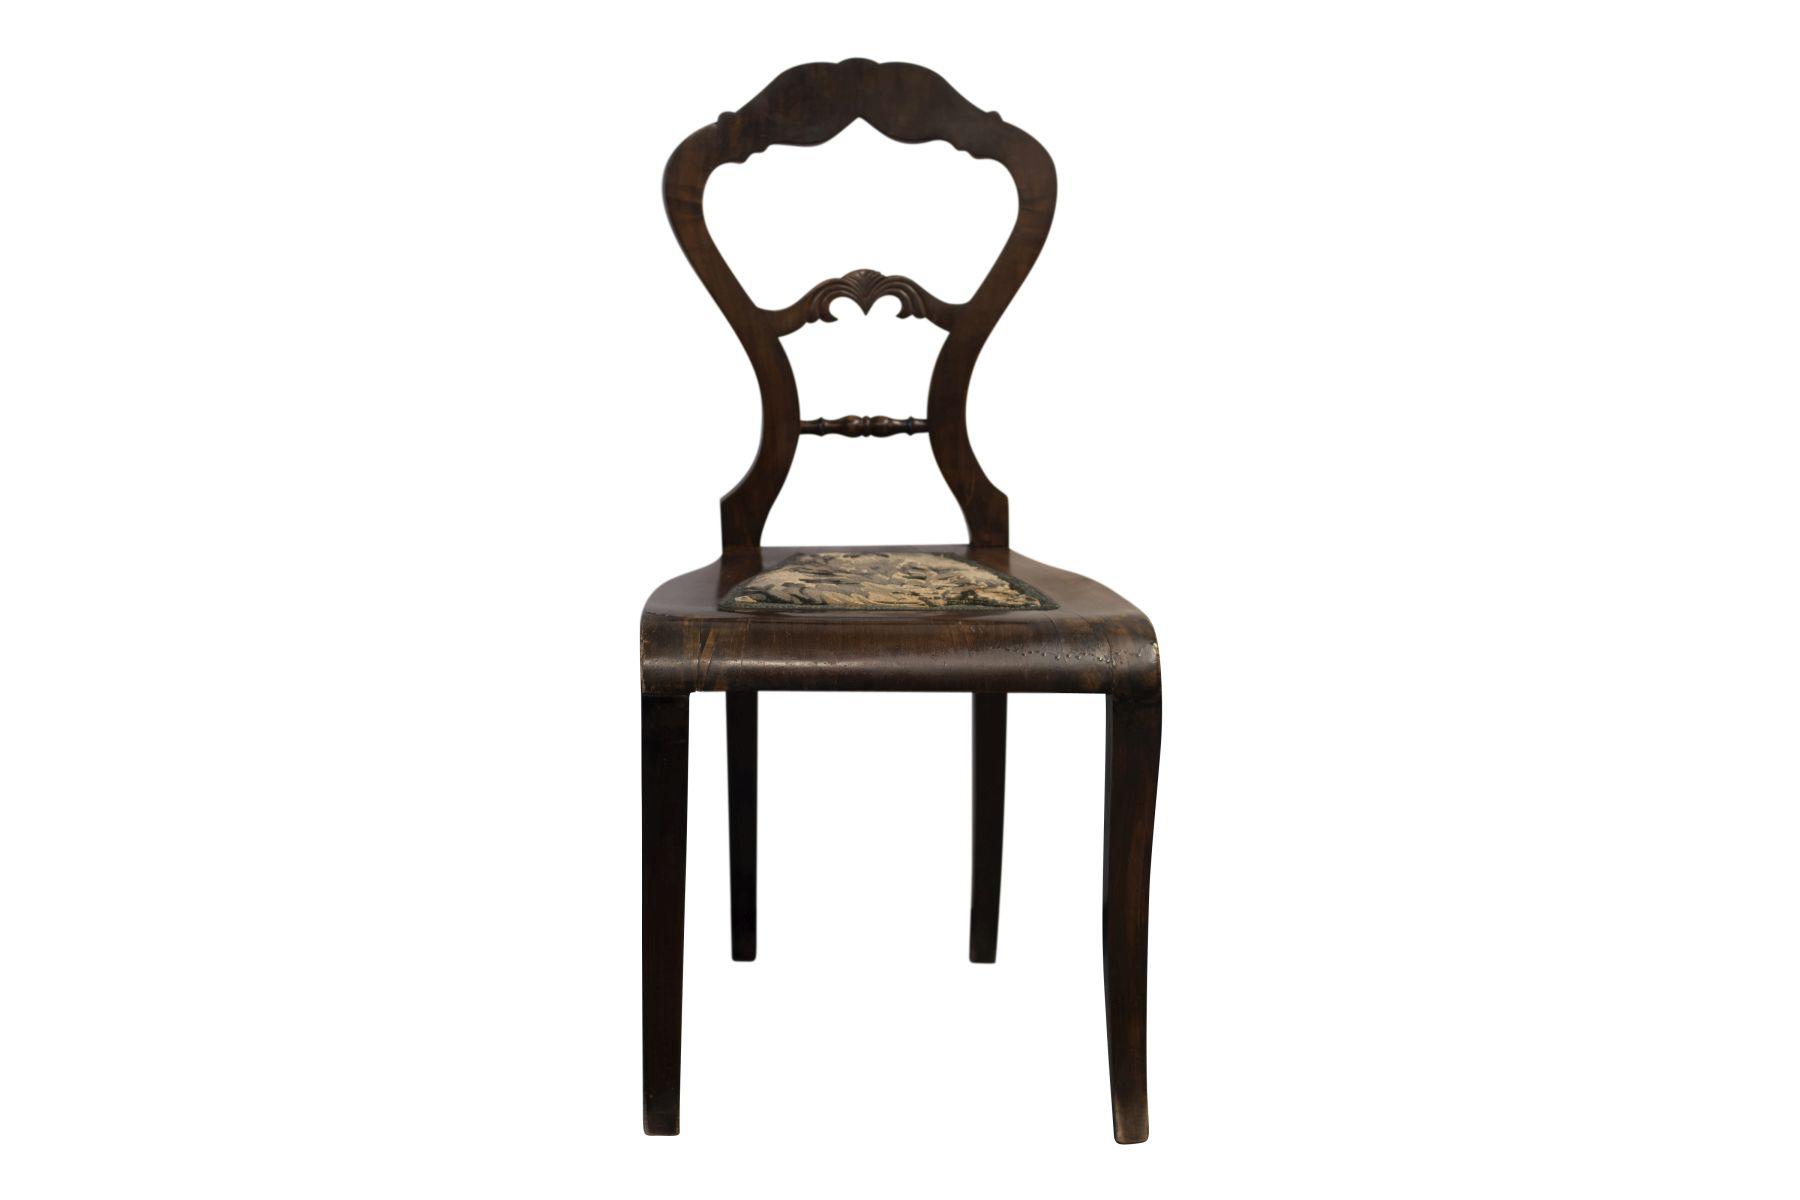 #36 Decorative French Chair | Dekorativer französischer Stuhl Image